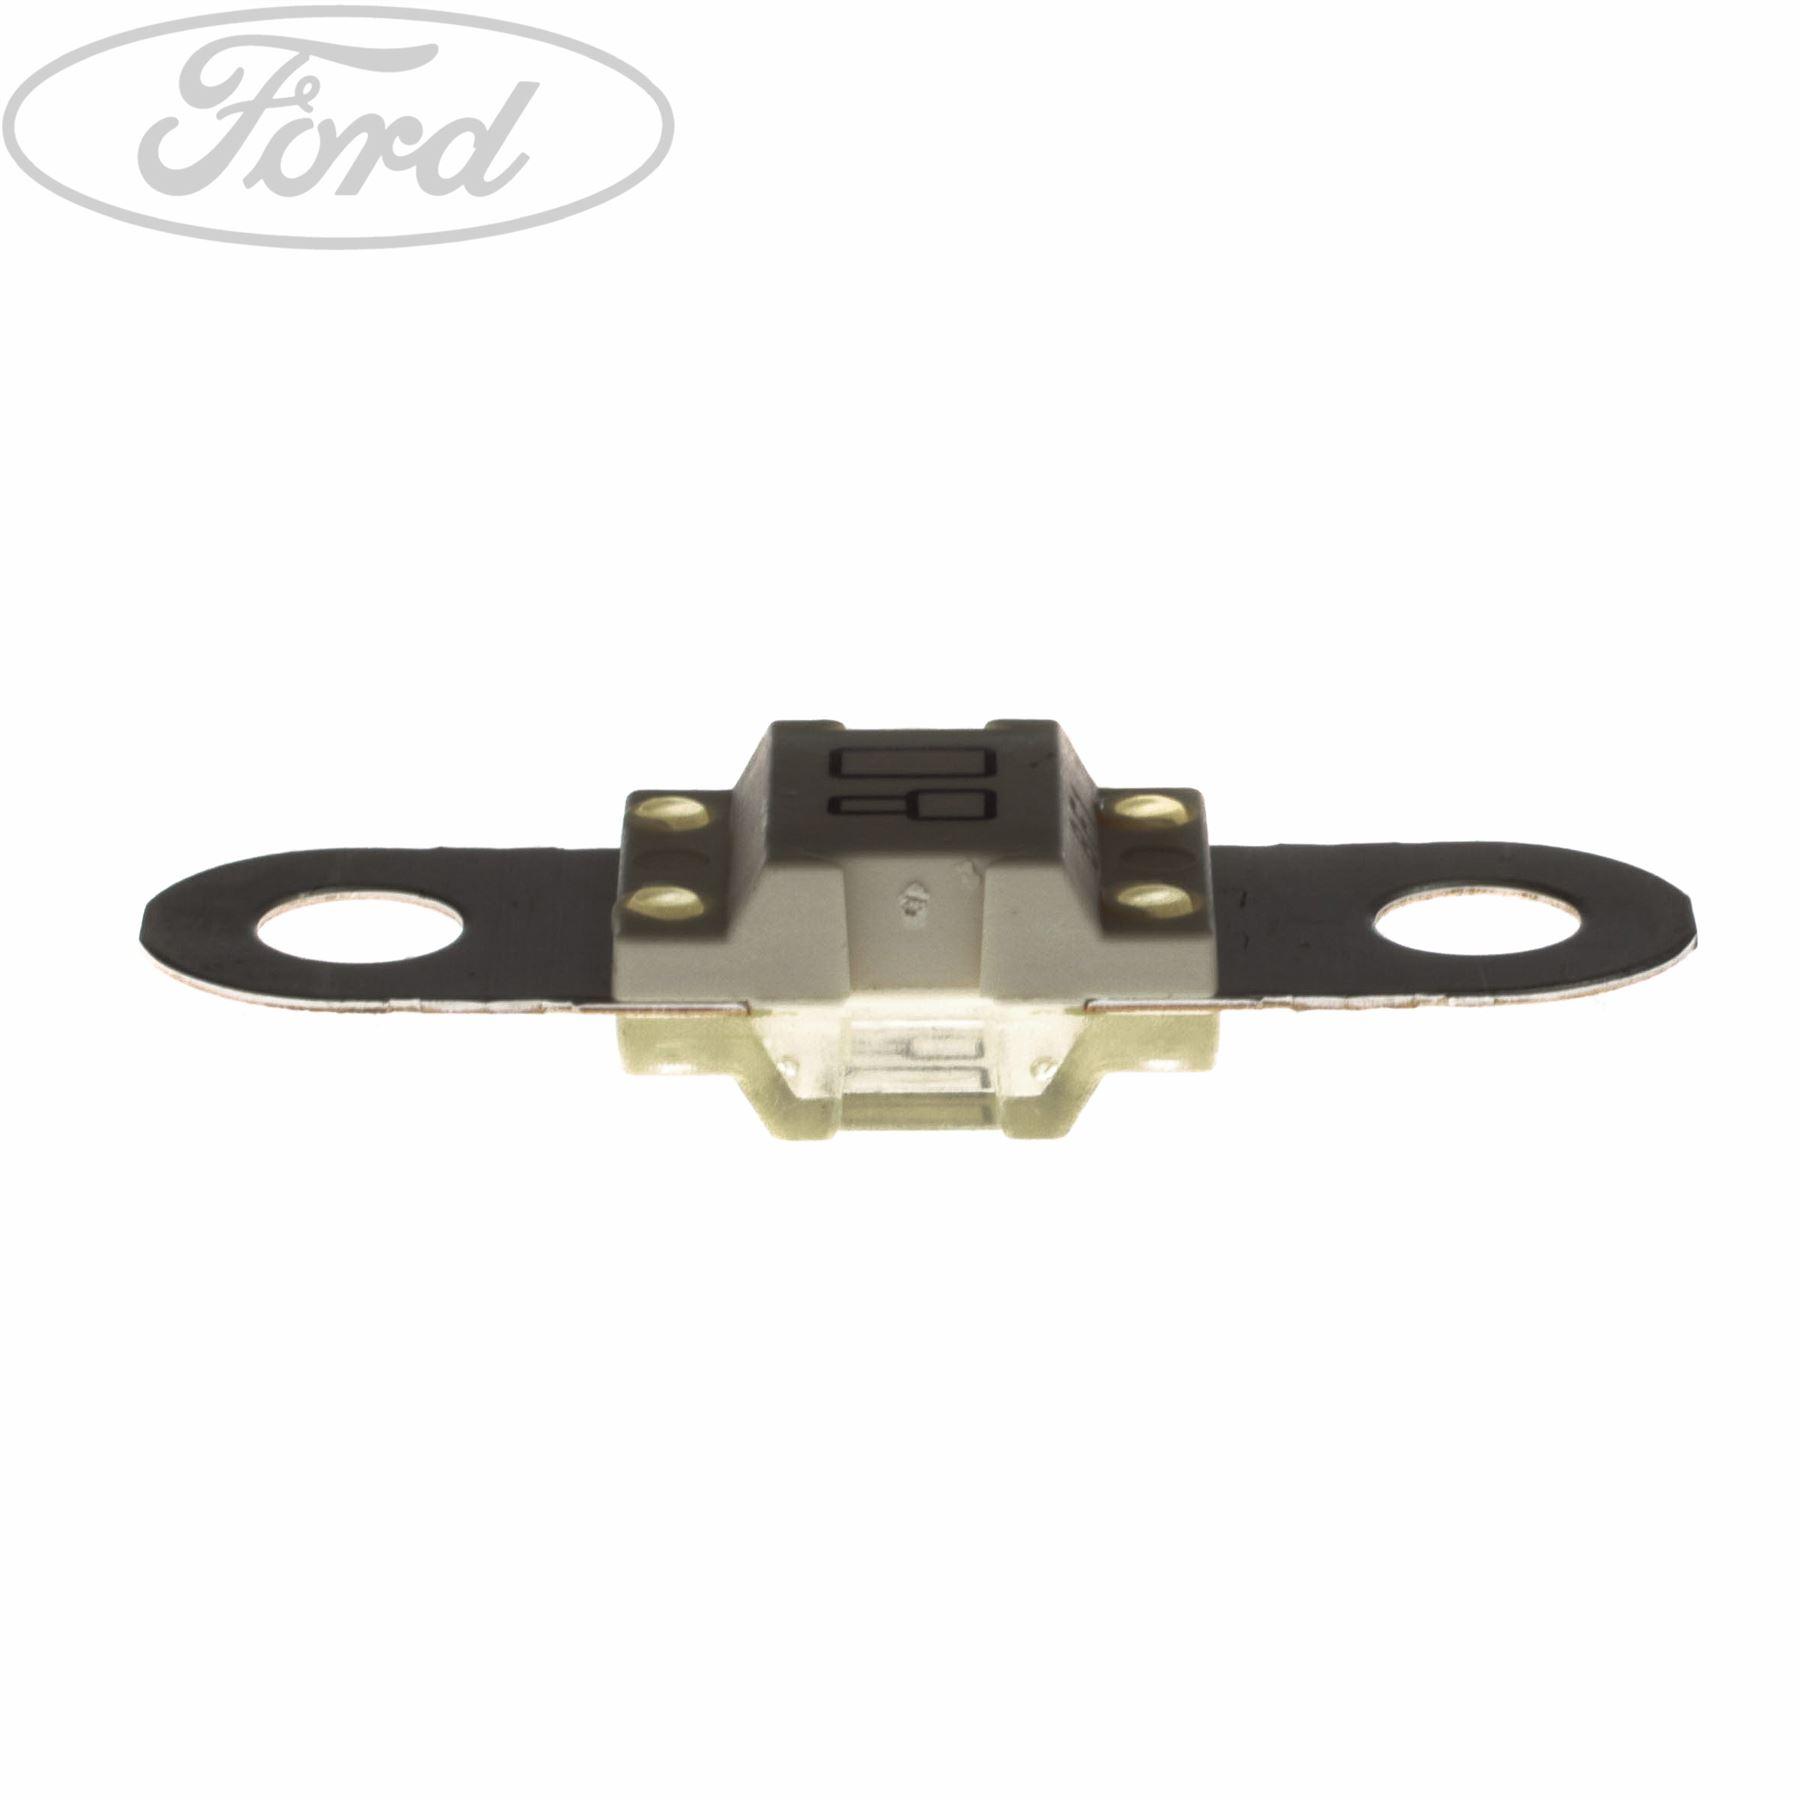 Genuine Ford Circuit Breaker 32 Volt 80 Amp Mega Fuse White 1148216